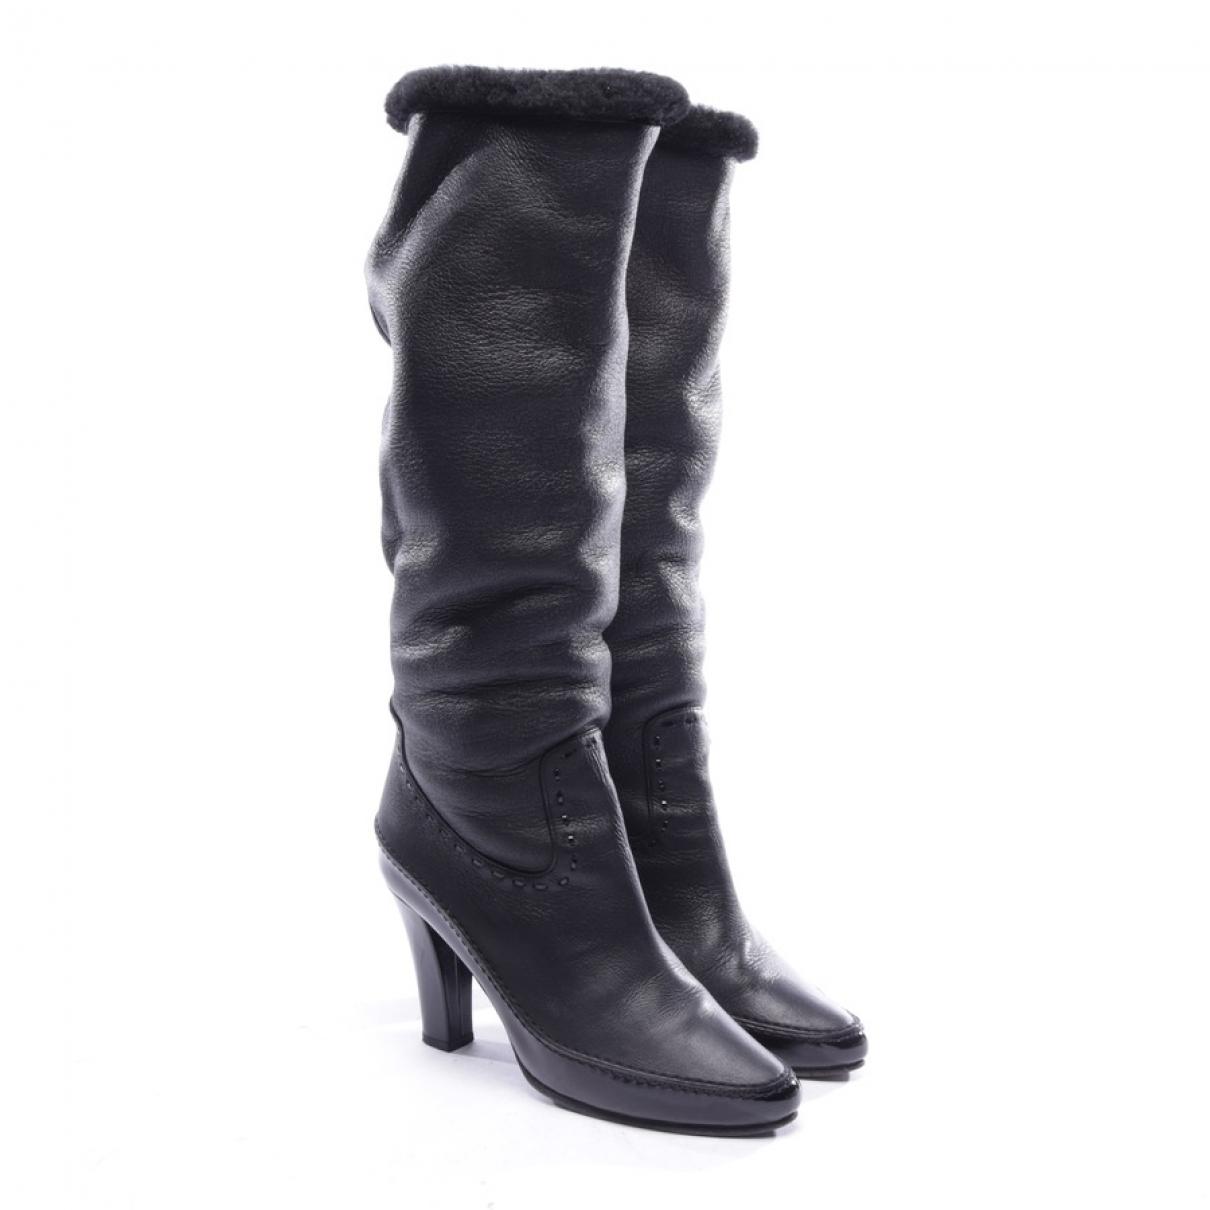 Bottega Veneta - Bottes   pour femme en cuir - noir